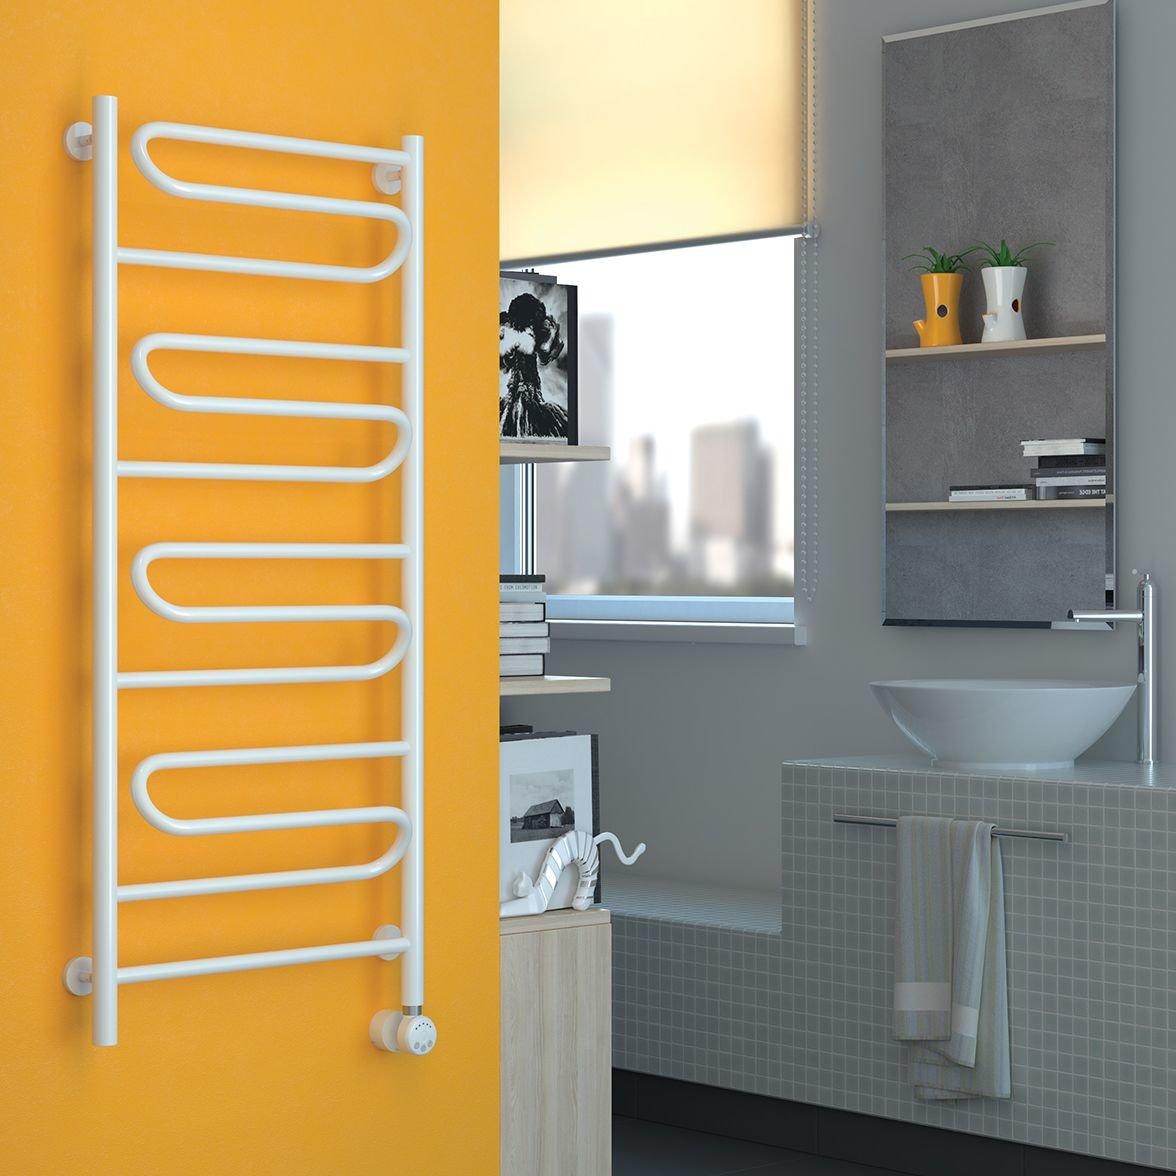 Как выбрать полотенцесушитель в квартиру для ванной комнаты